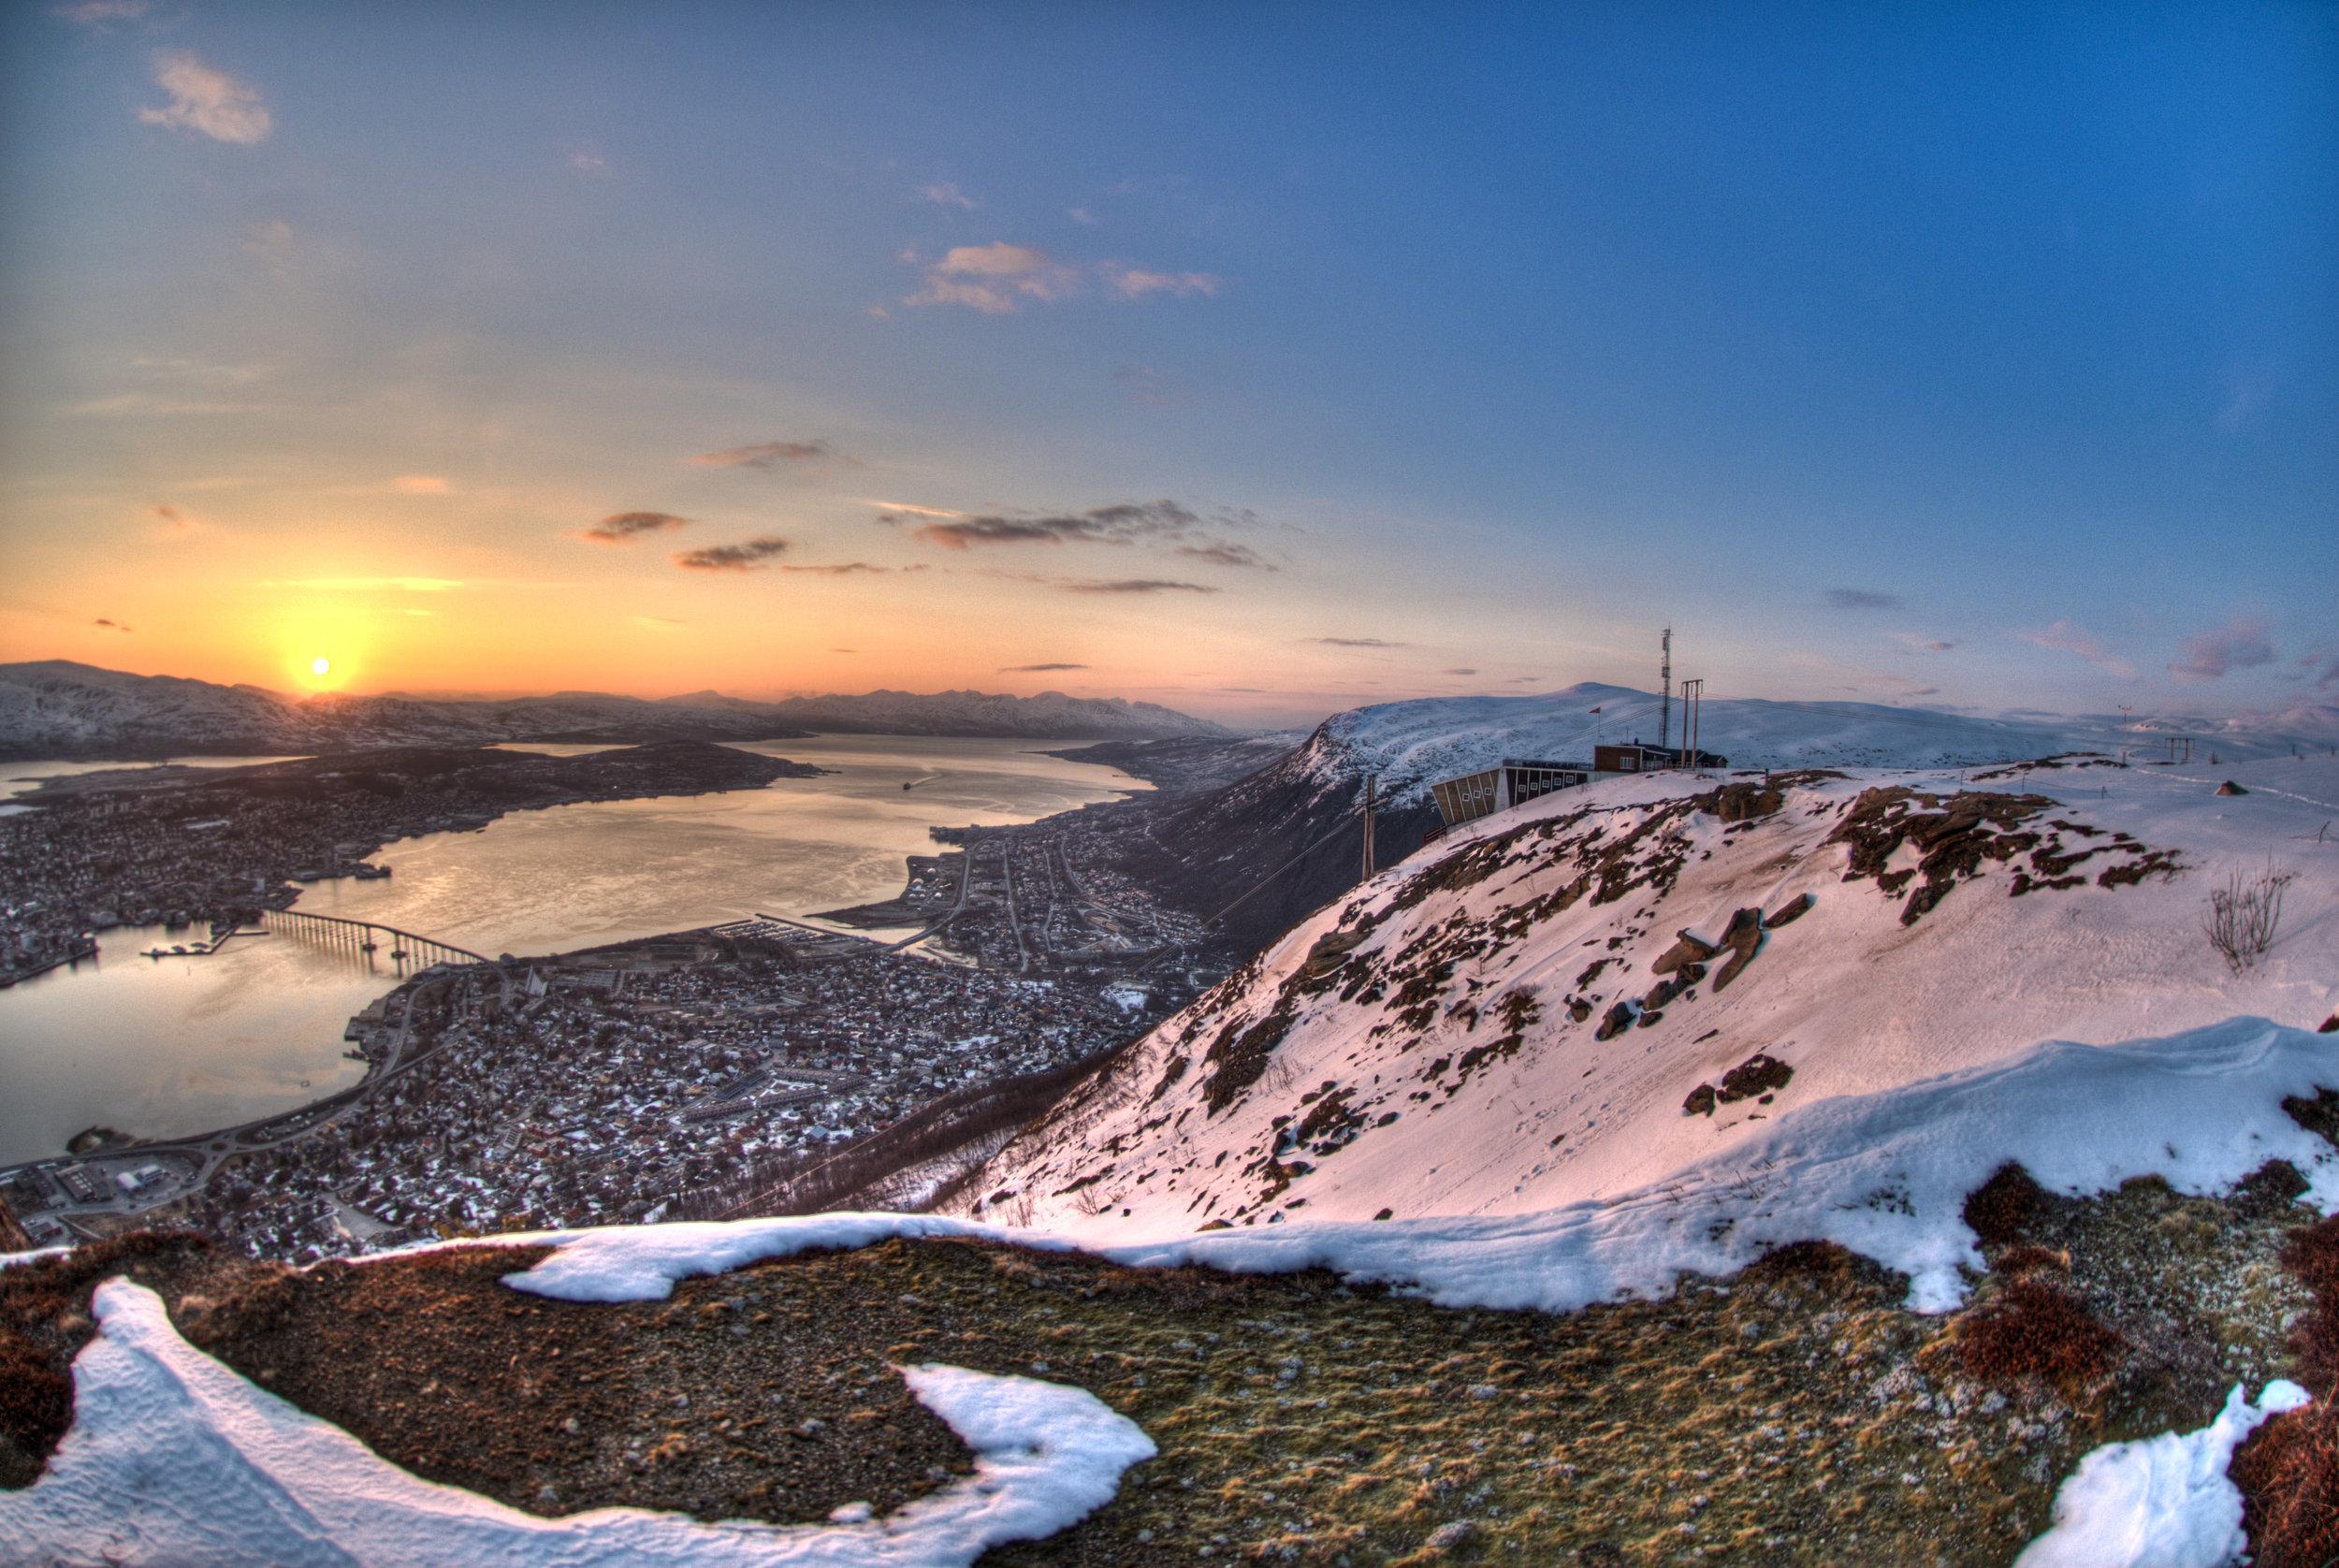 Midnight sun over Tromsø, taken with the Nikon D200.